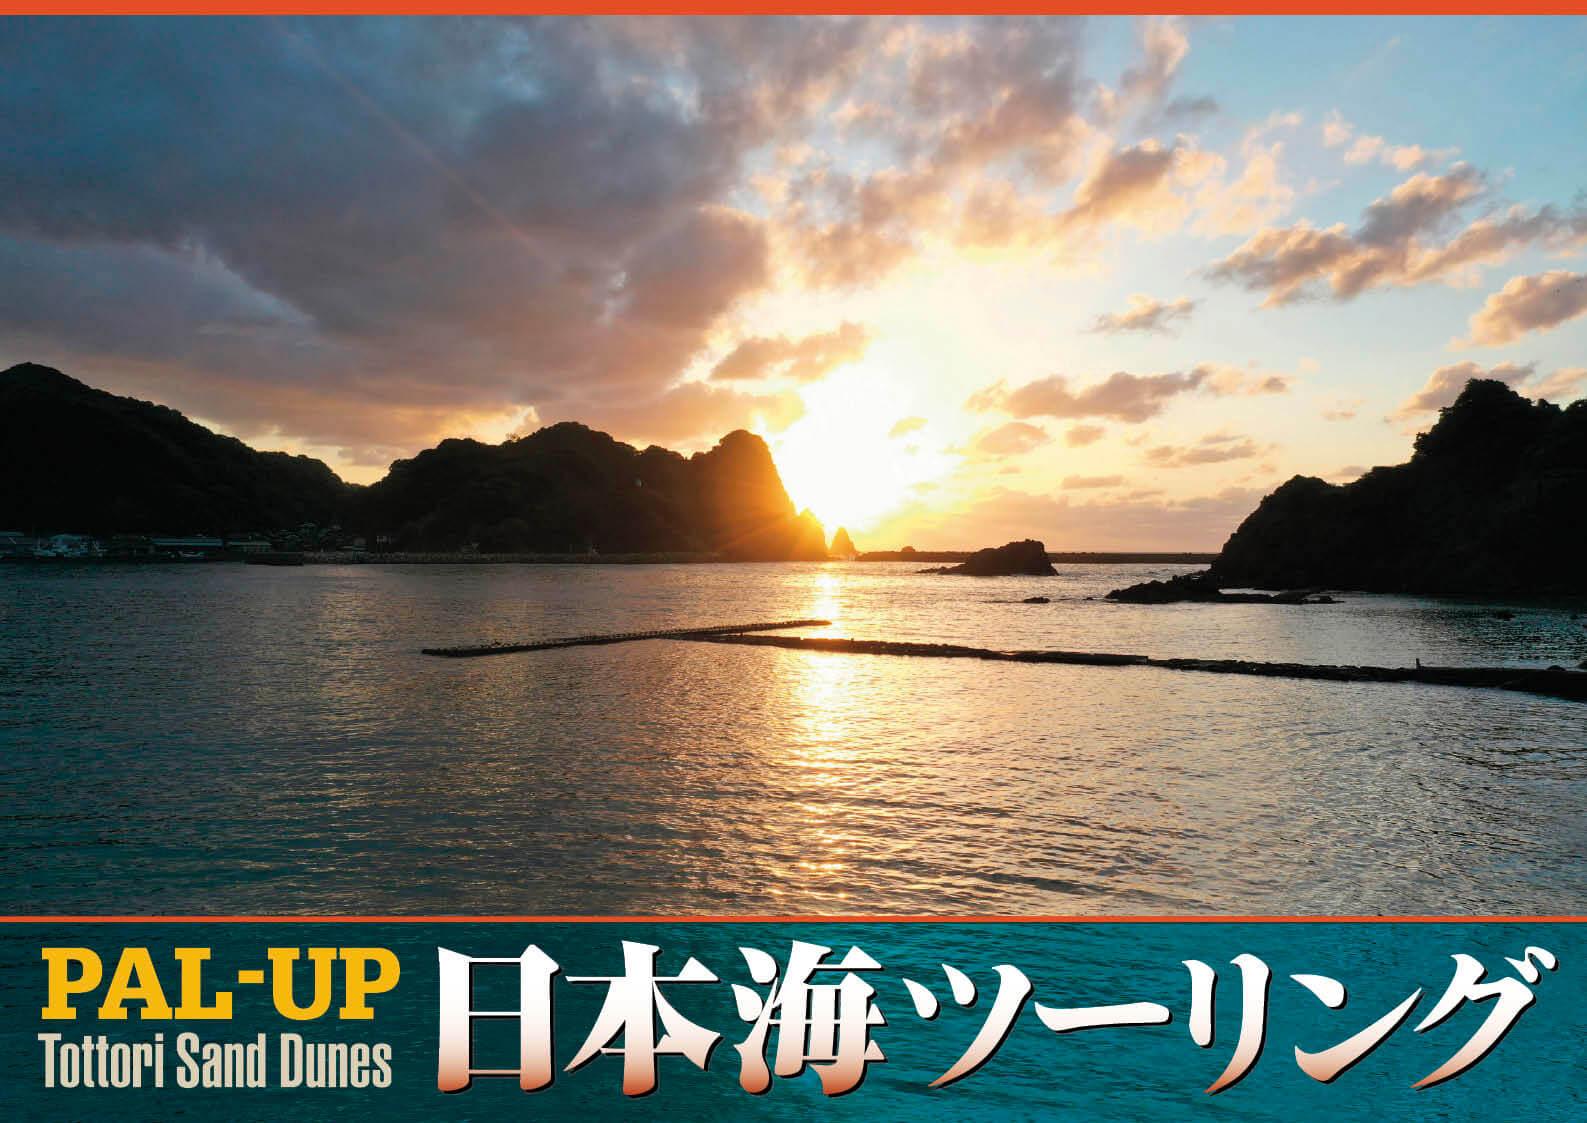 日本海、甘エビと鳥取砂丘の旅 ジェットスキー(水上バイク)